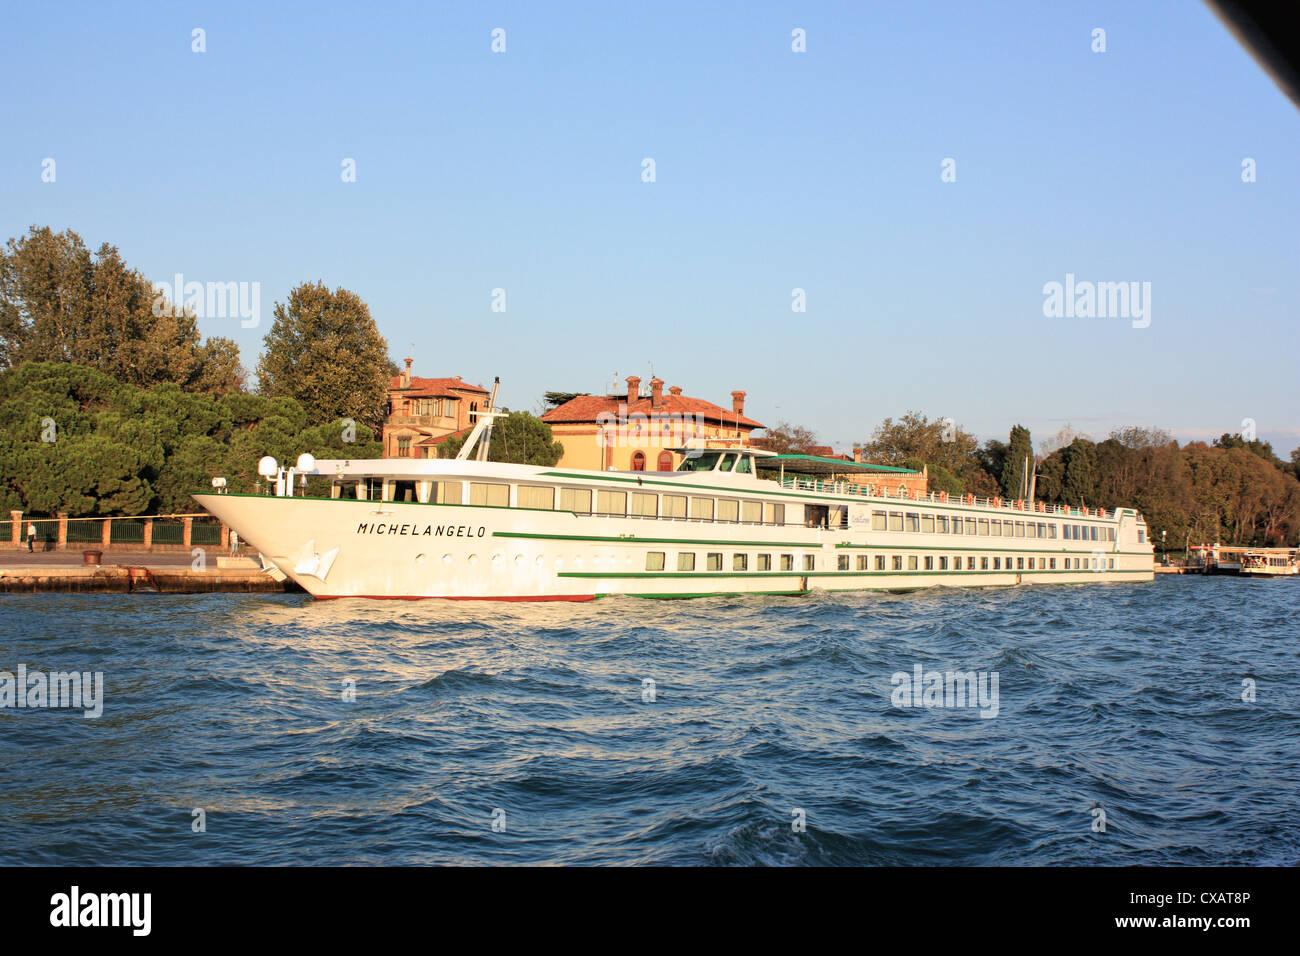 River Cruise Ship Michelangelo Stock Photo Royalty Free Image - Ms michelangelo cruise ship